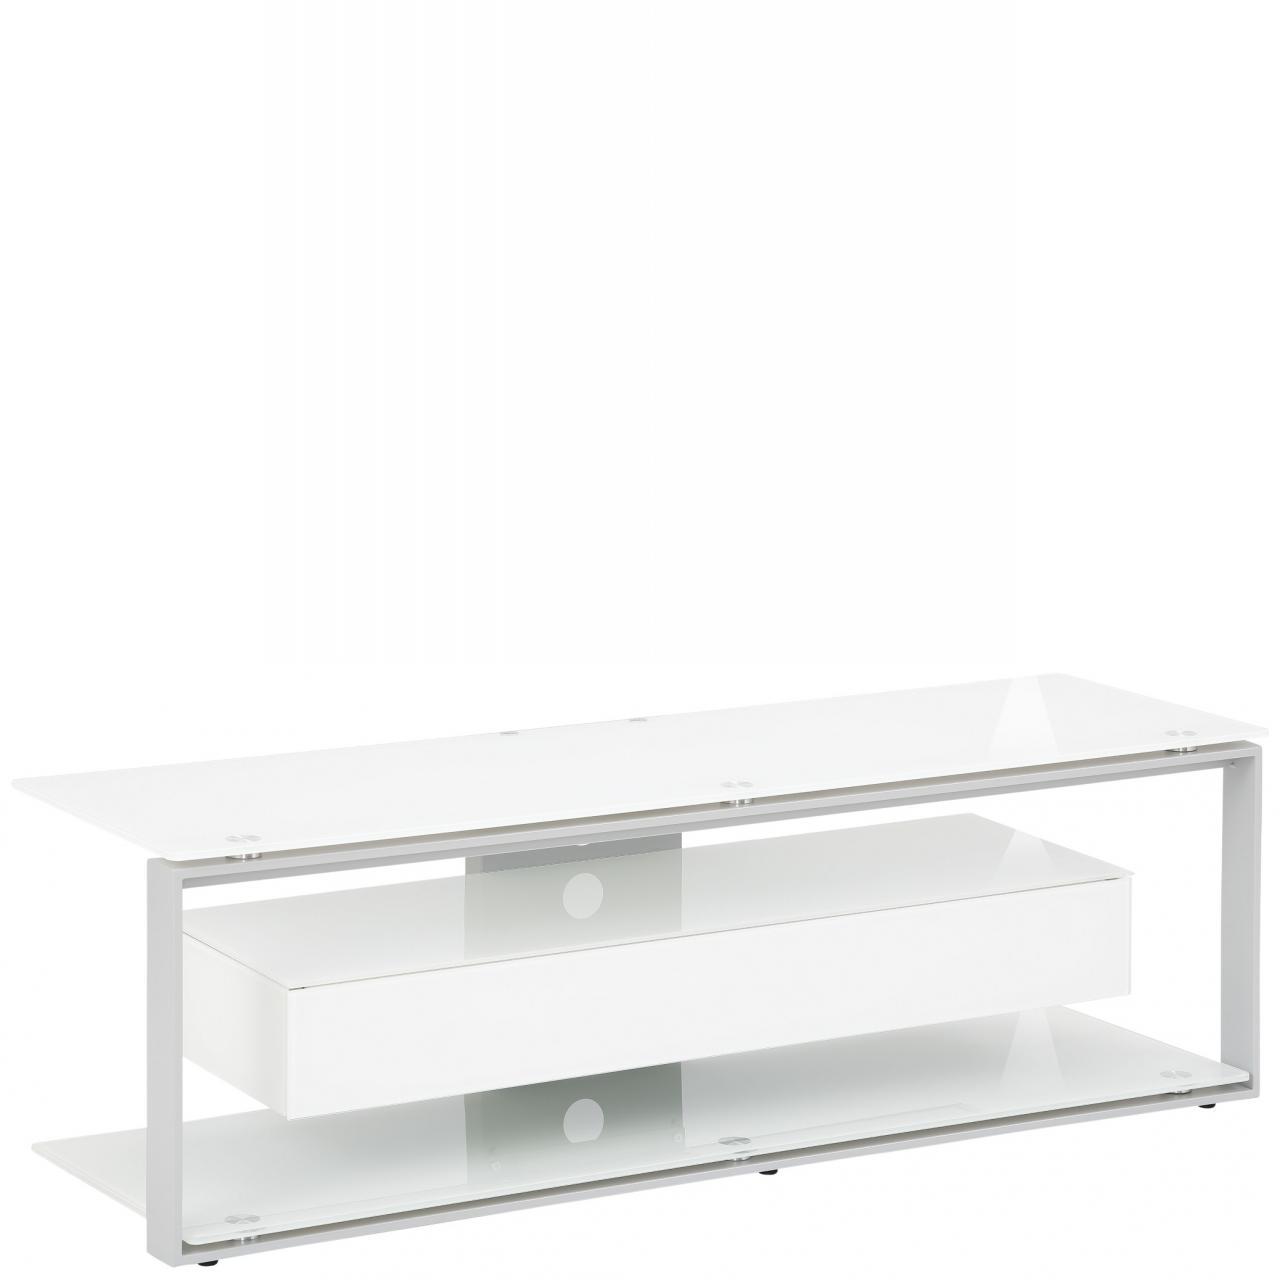 Tv Rack 5202 Lowboards Wohnzimmermöbel Wohnen Möbel